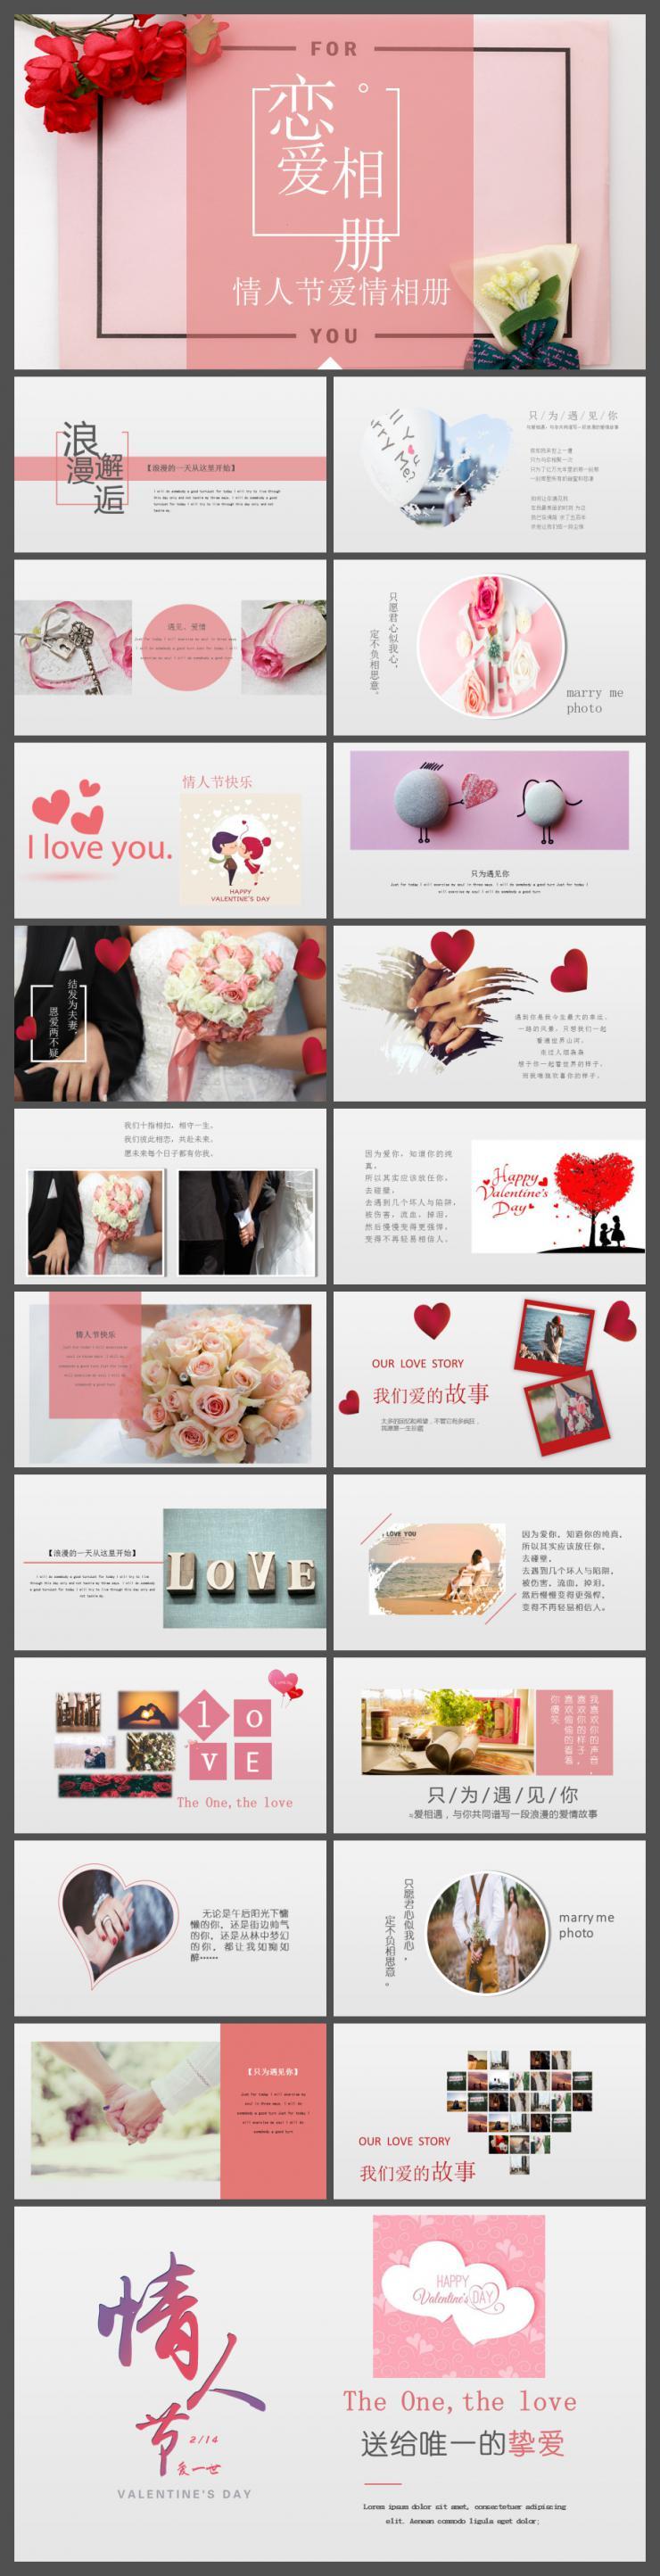 粉色浪漫情人节情侣相册PPT模板